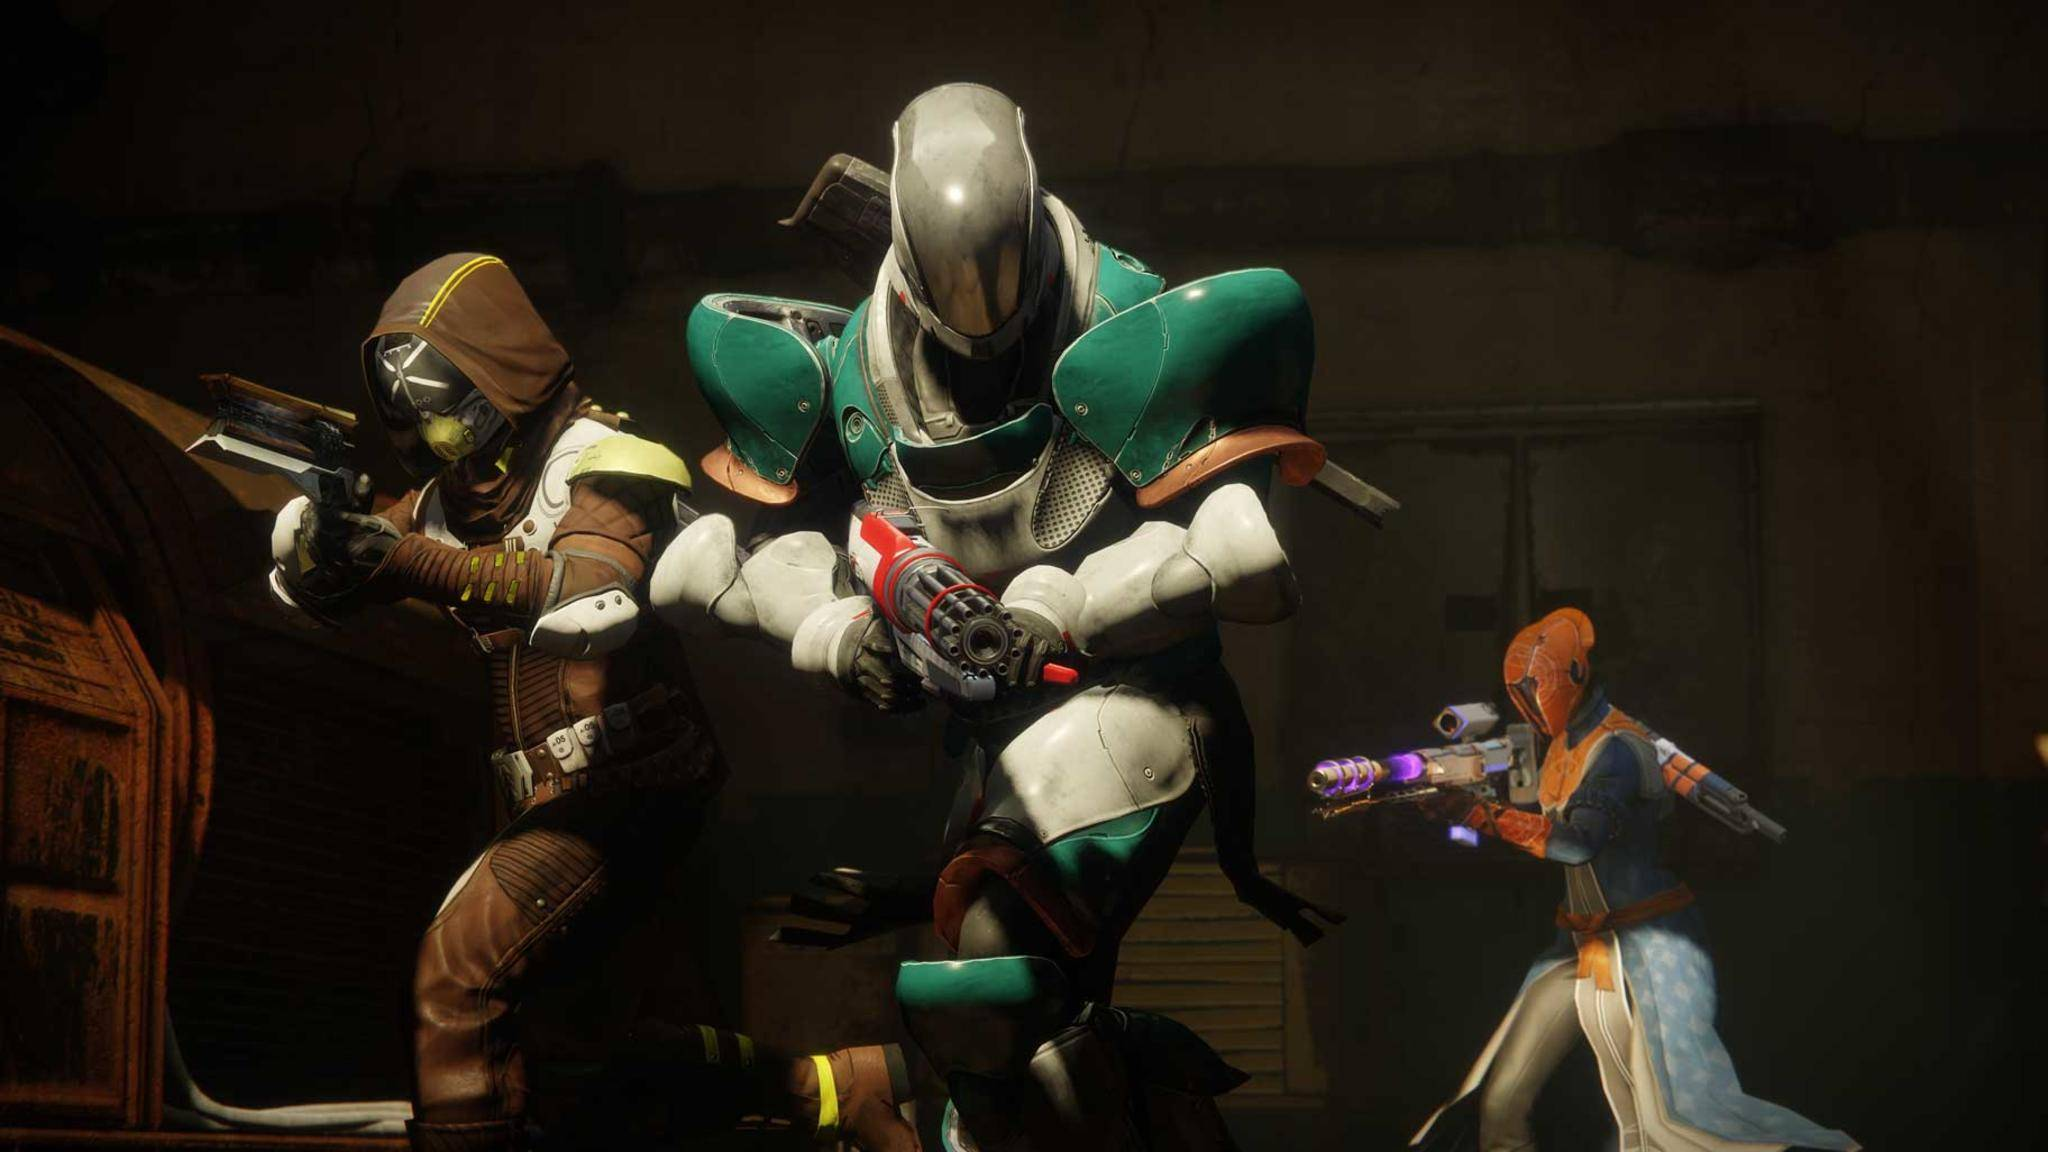 """Spieler-gegen-Spieler-Kämpfe gehören fest zu """"Destiny"""" dazu. Aber bleibt das auch so?"""